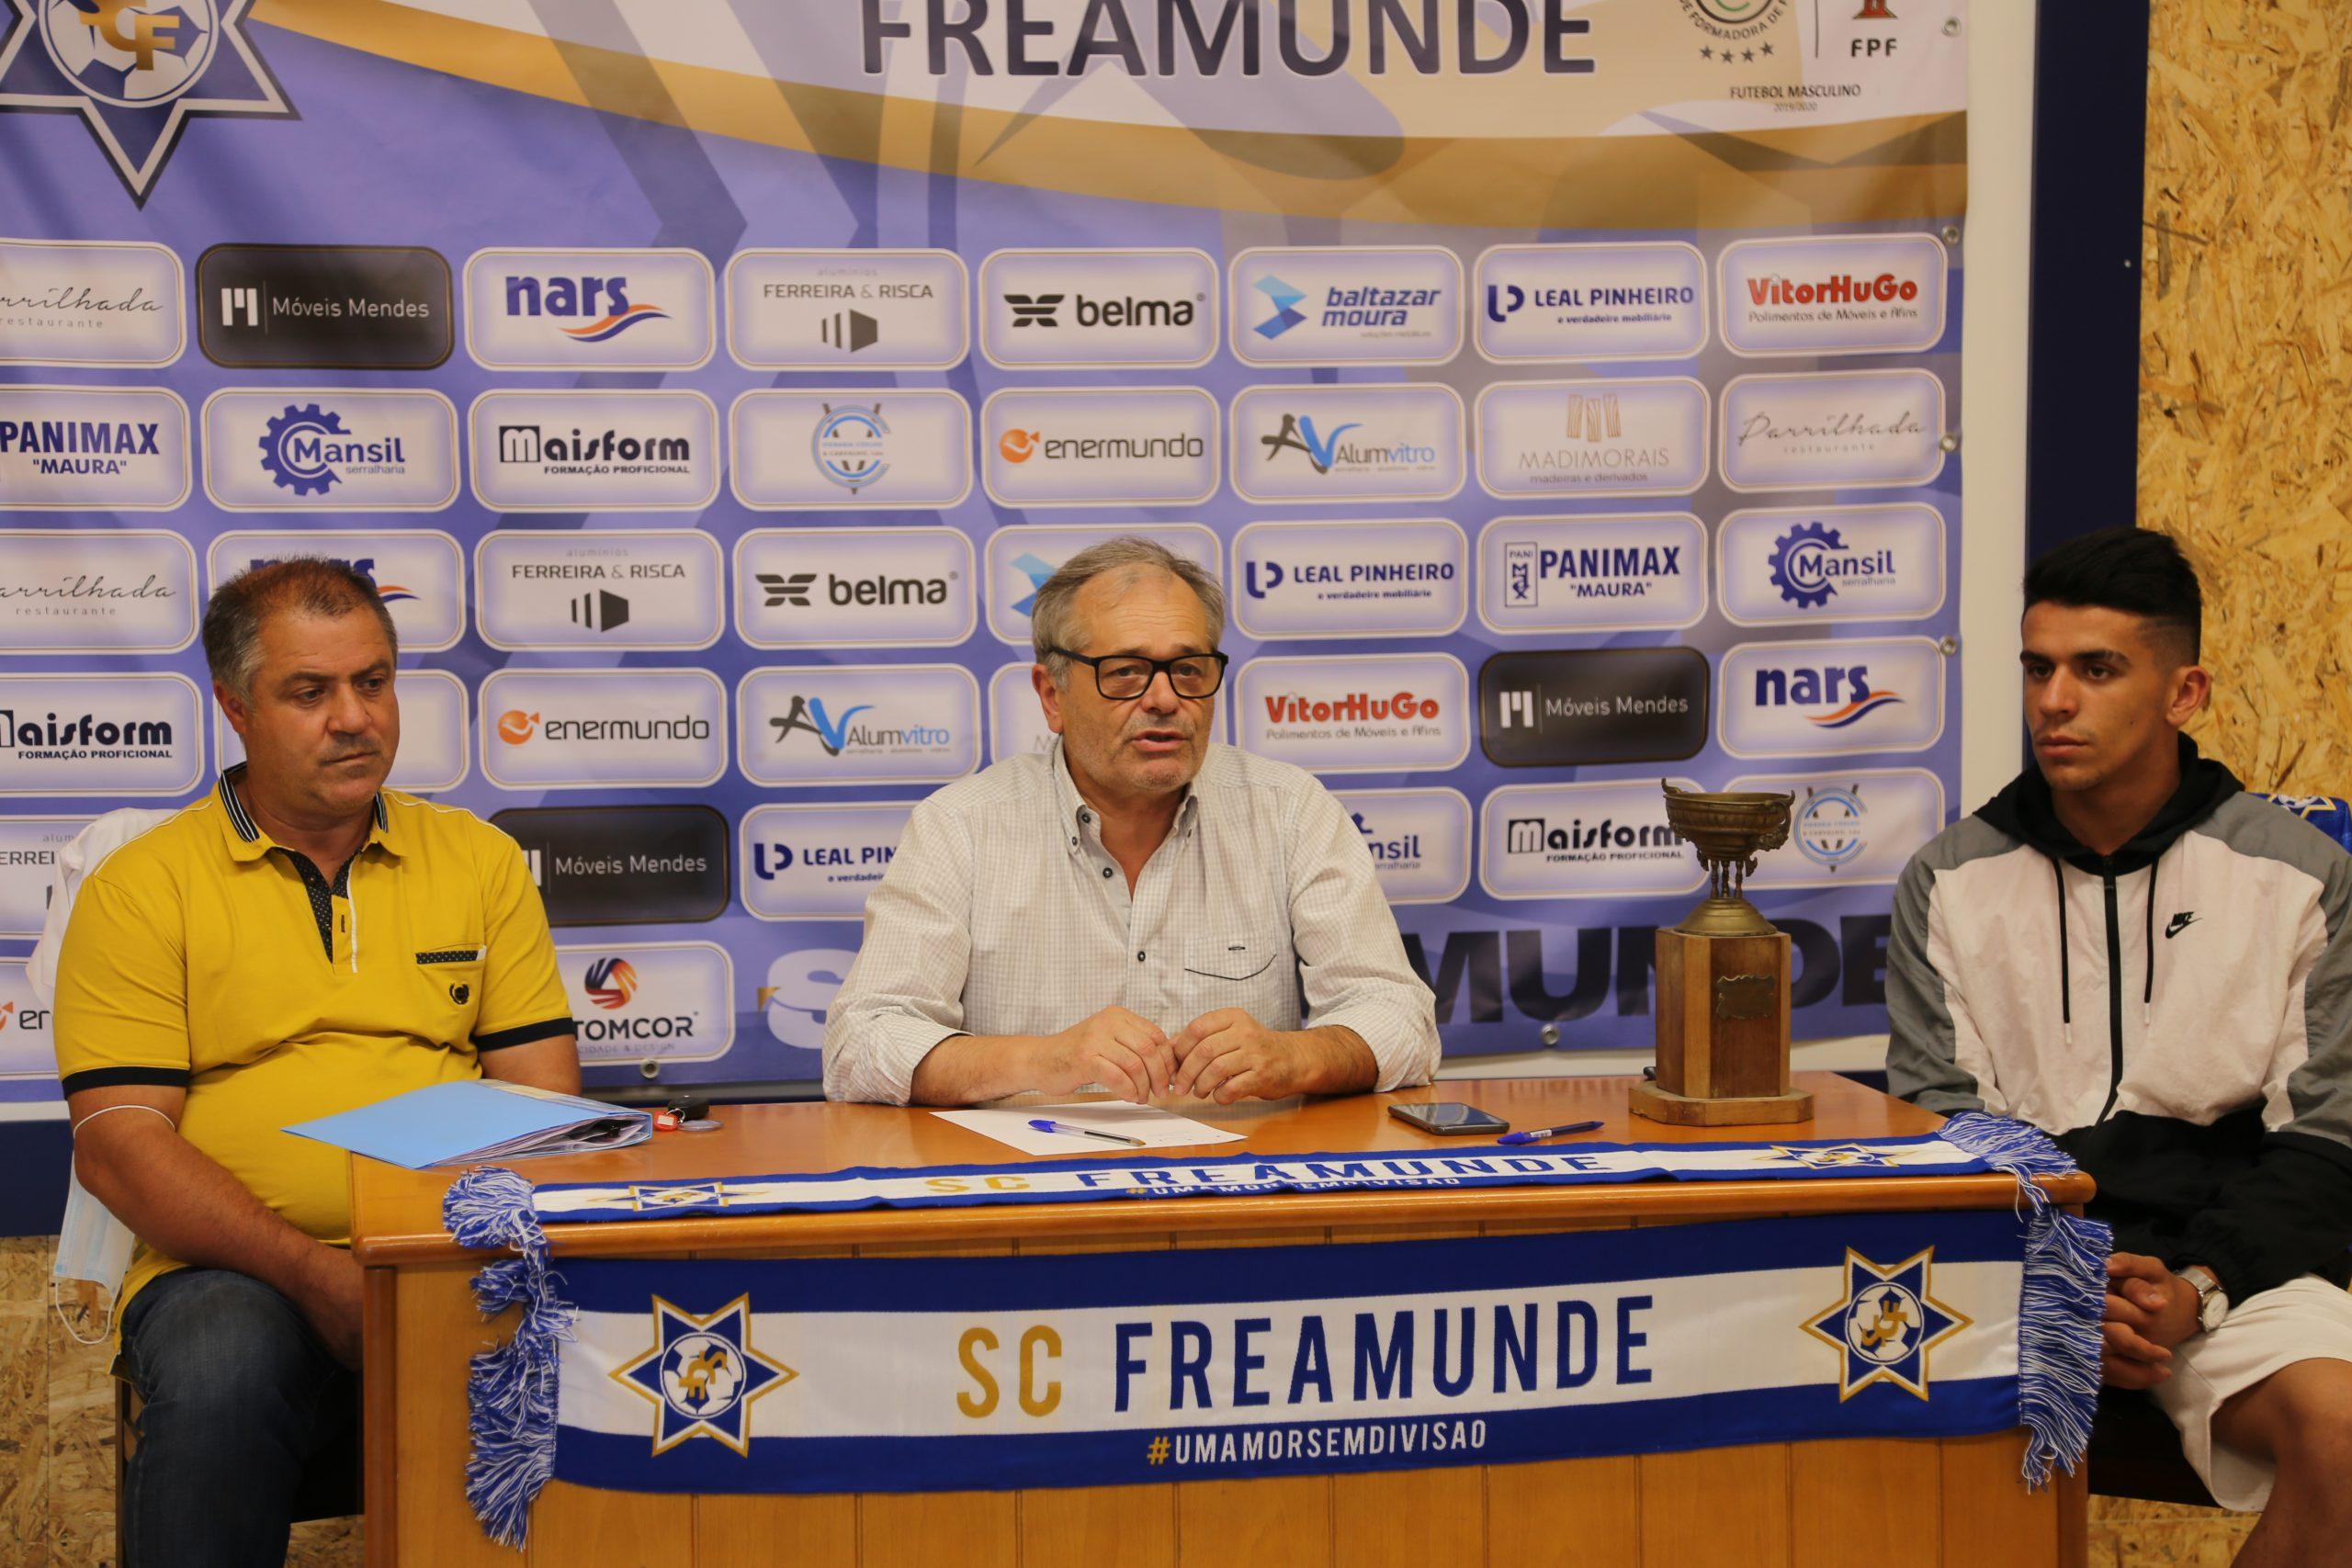 SC Freamunde